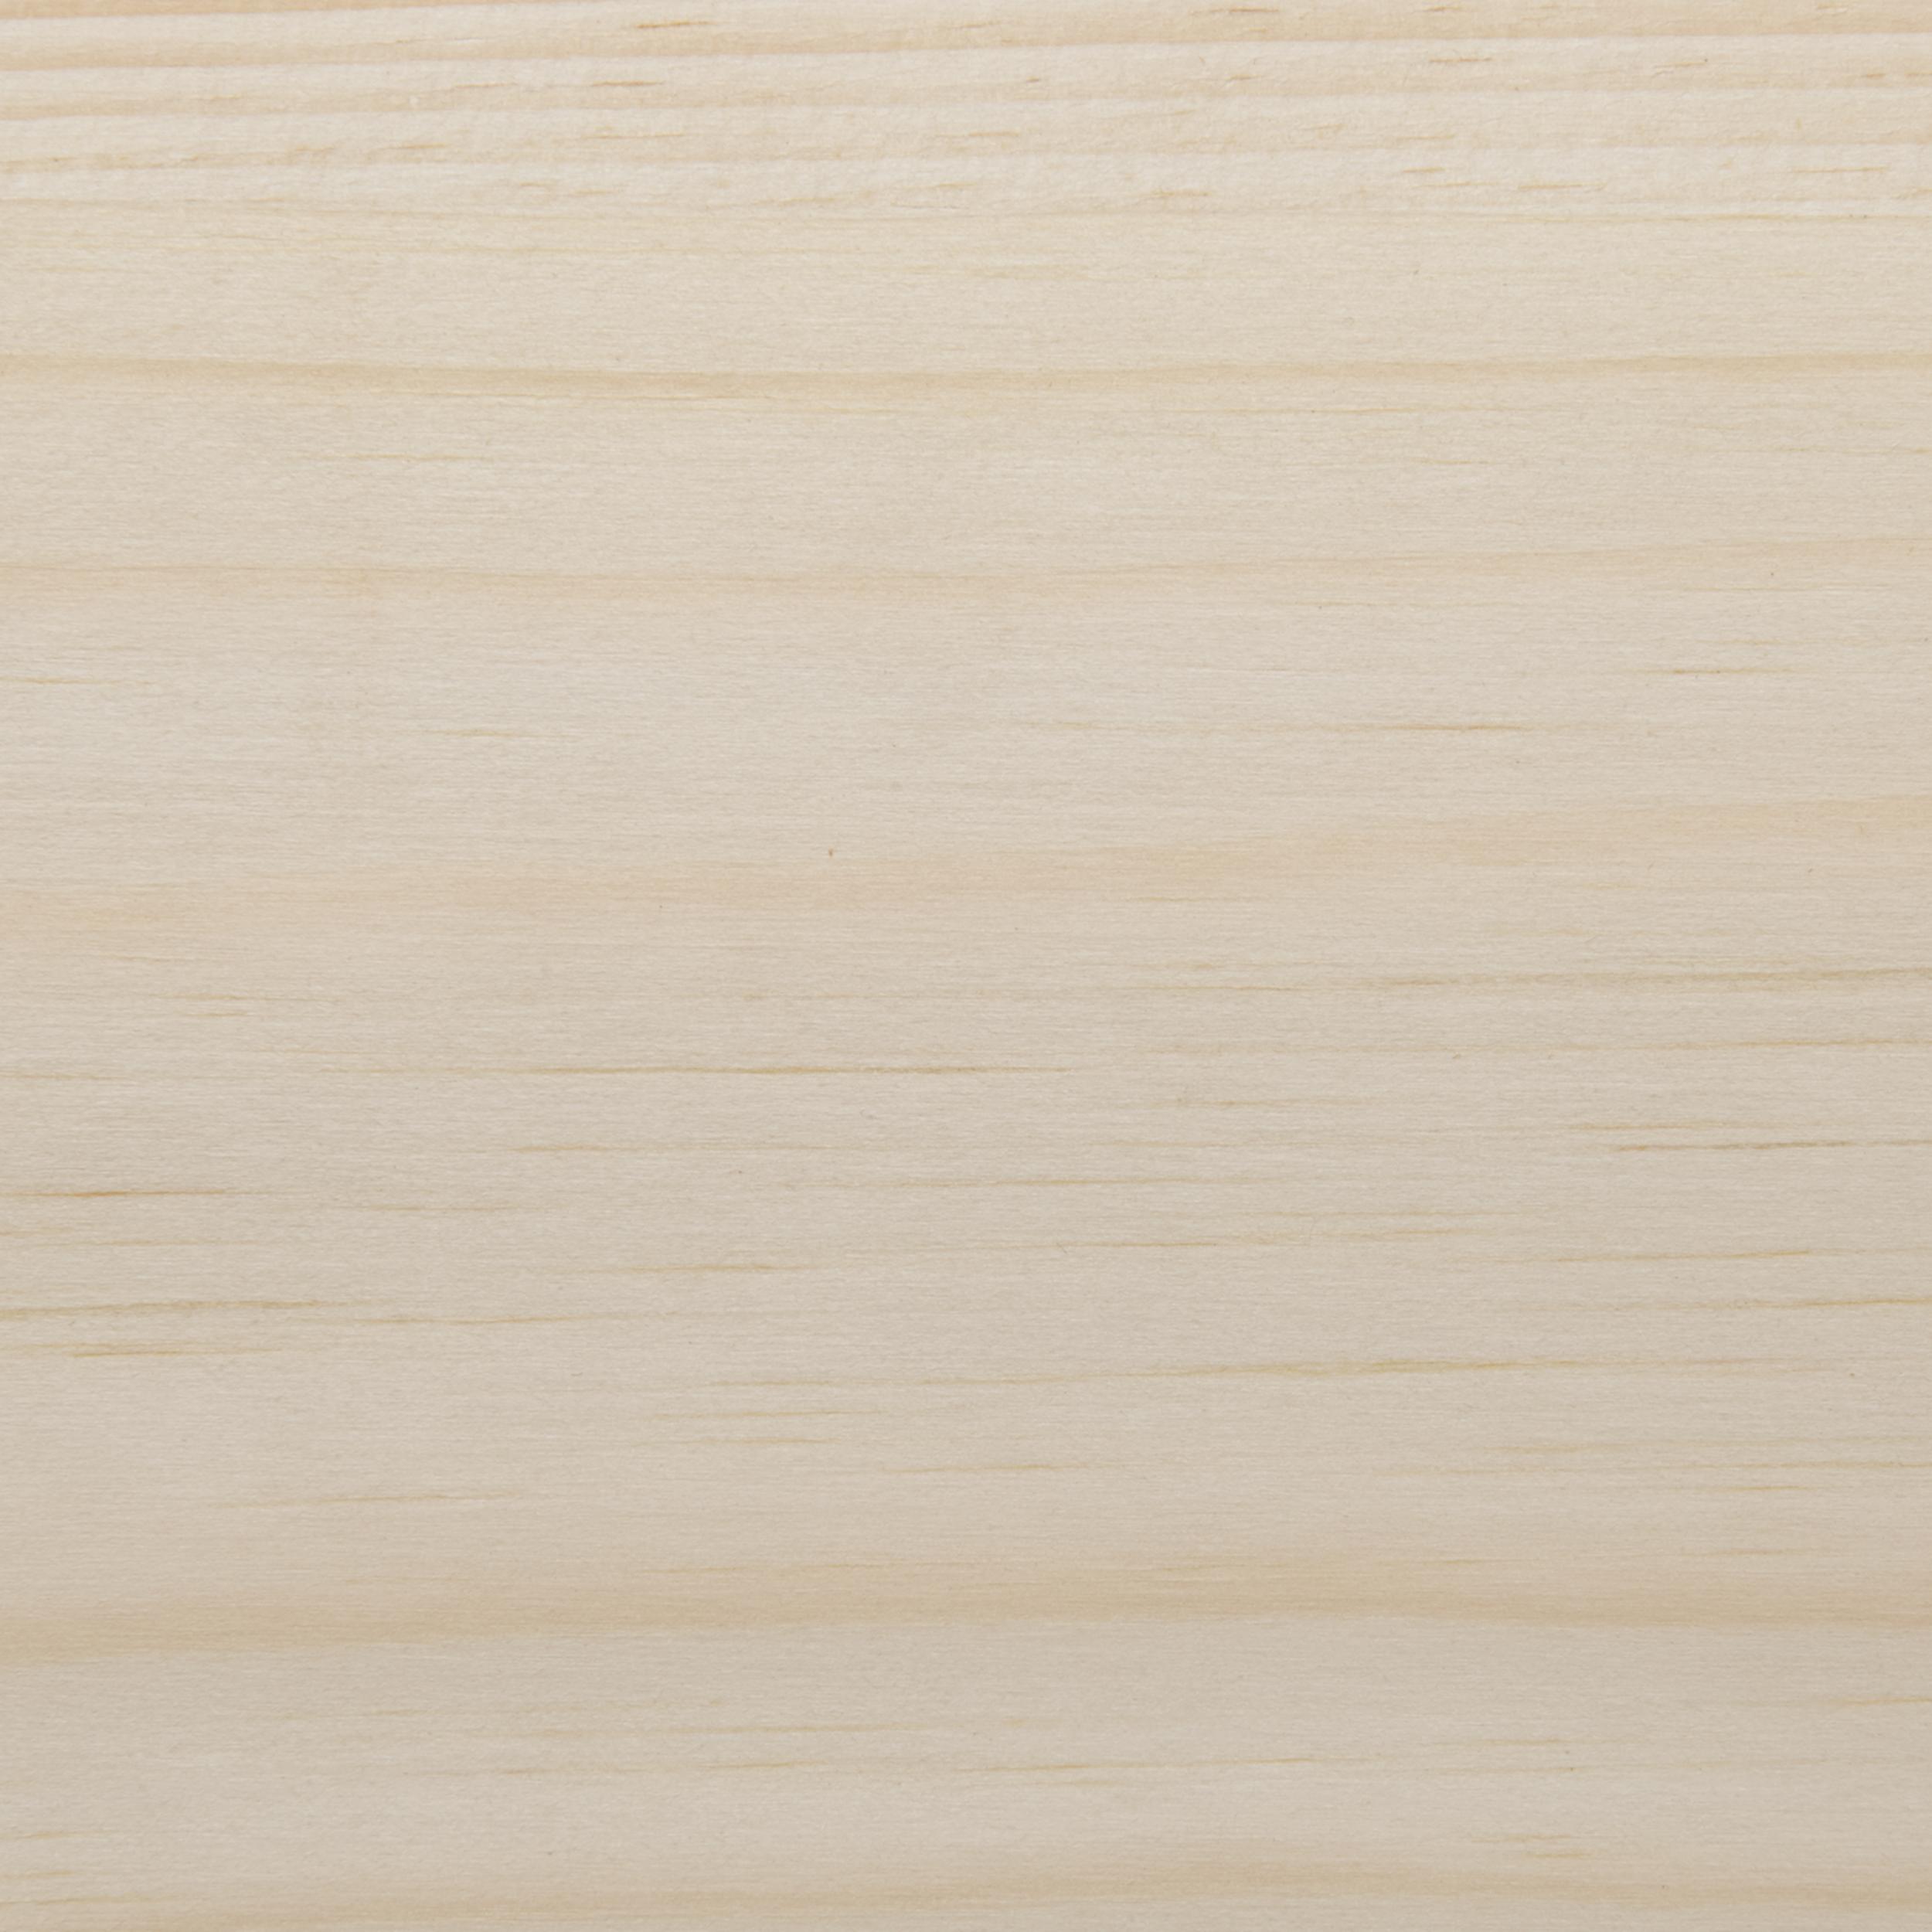 Clear Pine 4'X8' Veneer Sheet, 10MIL Paper Backed